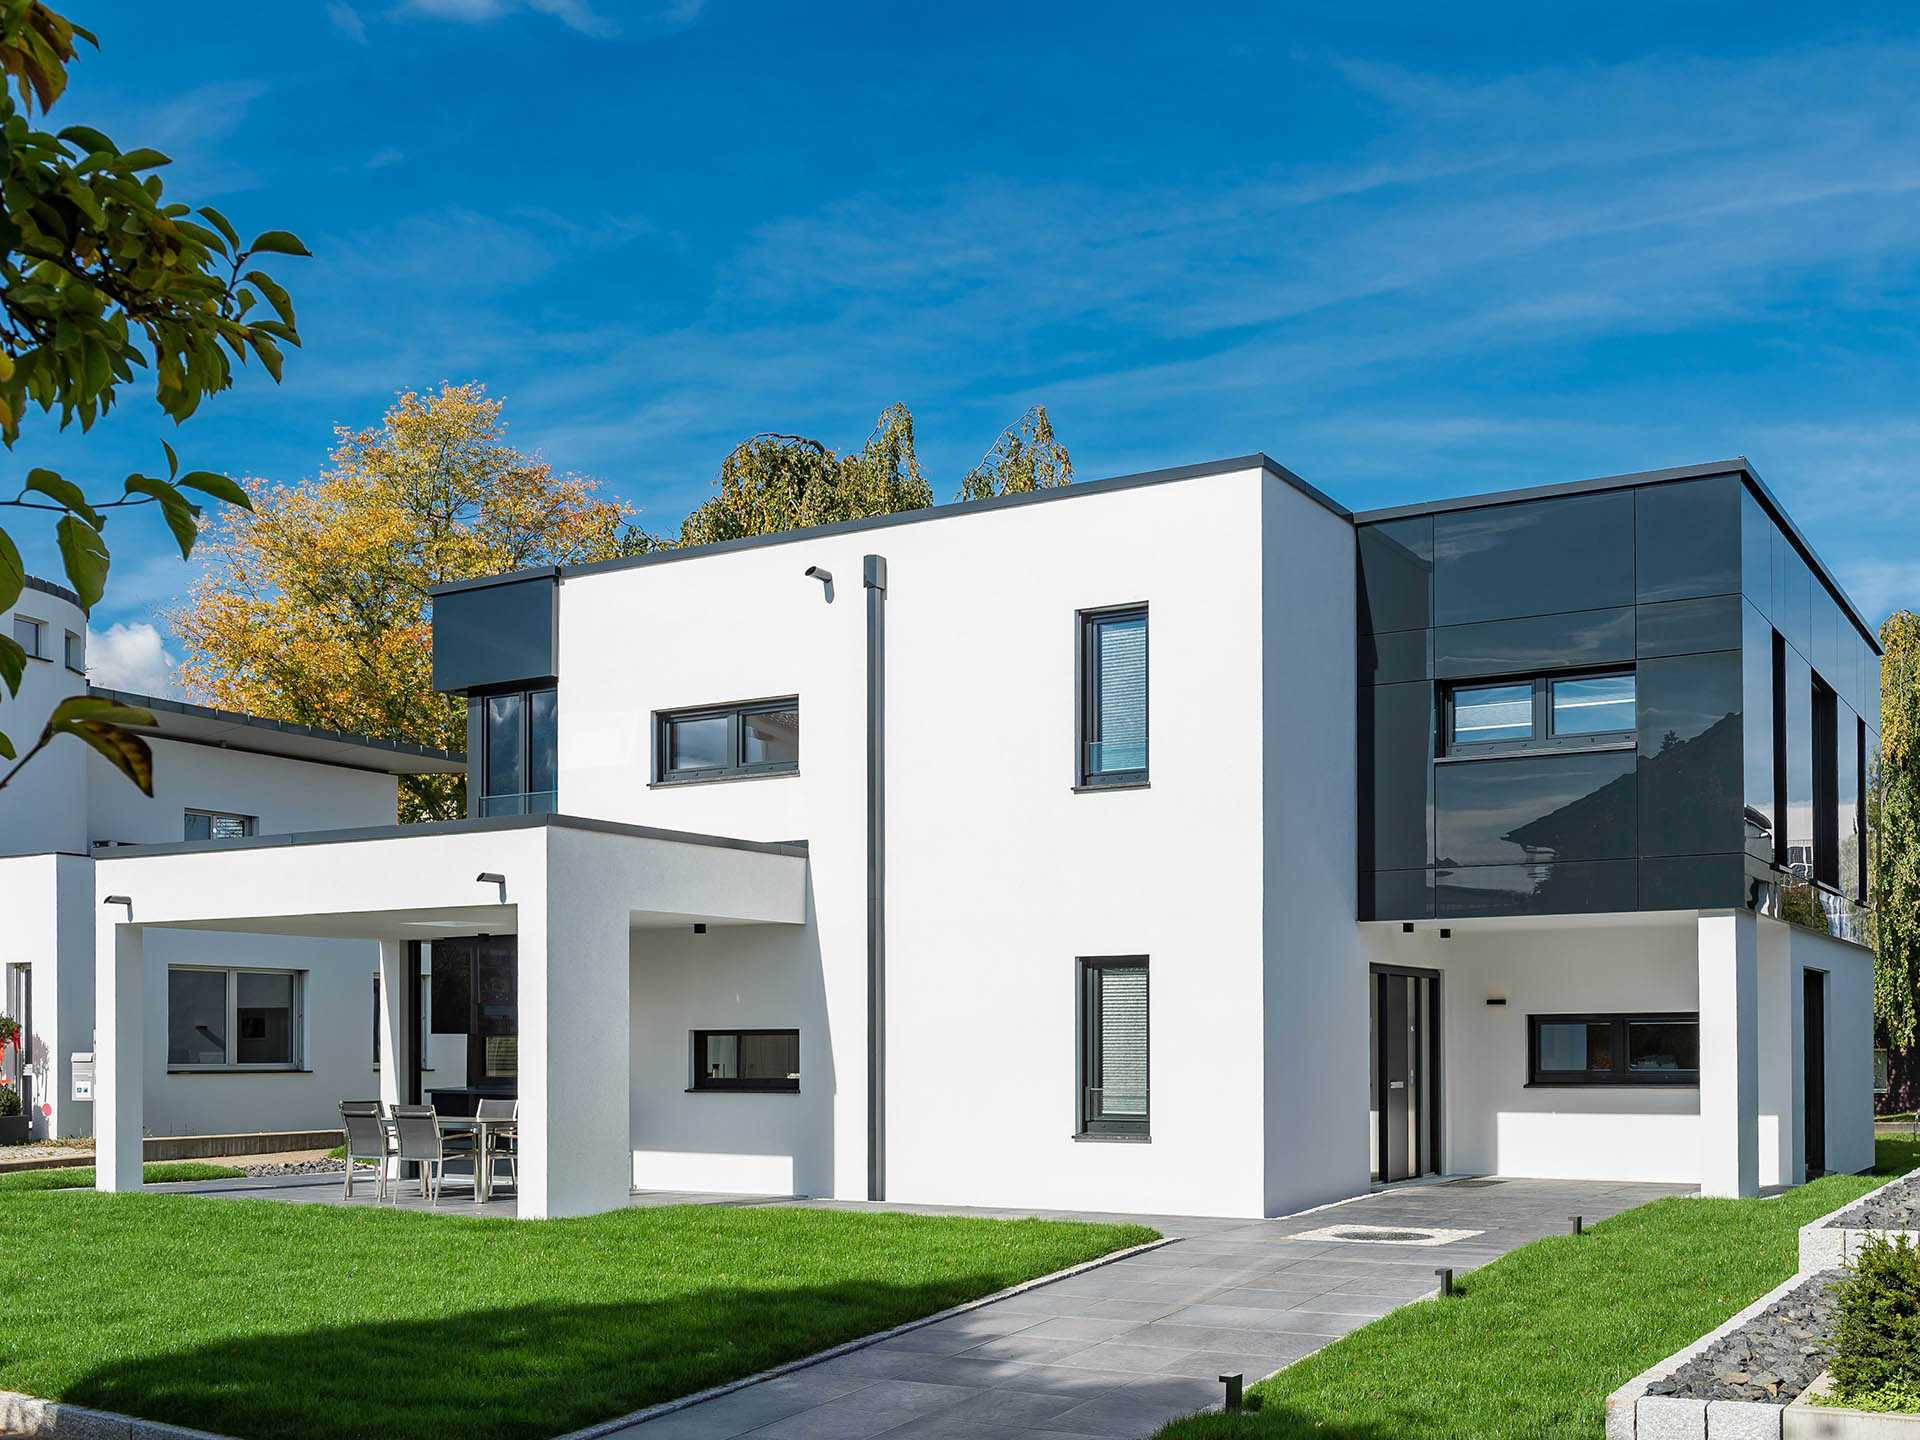 rensch haus preise bungalow h user preise 2018 think like a jew rensch haus preisliste bild 2. Black Bedroom Furniture Sets. Home Design Ideas